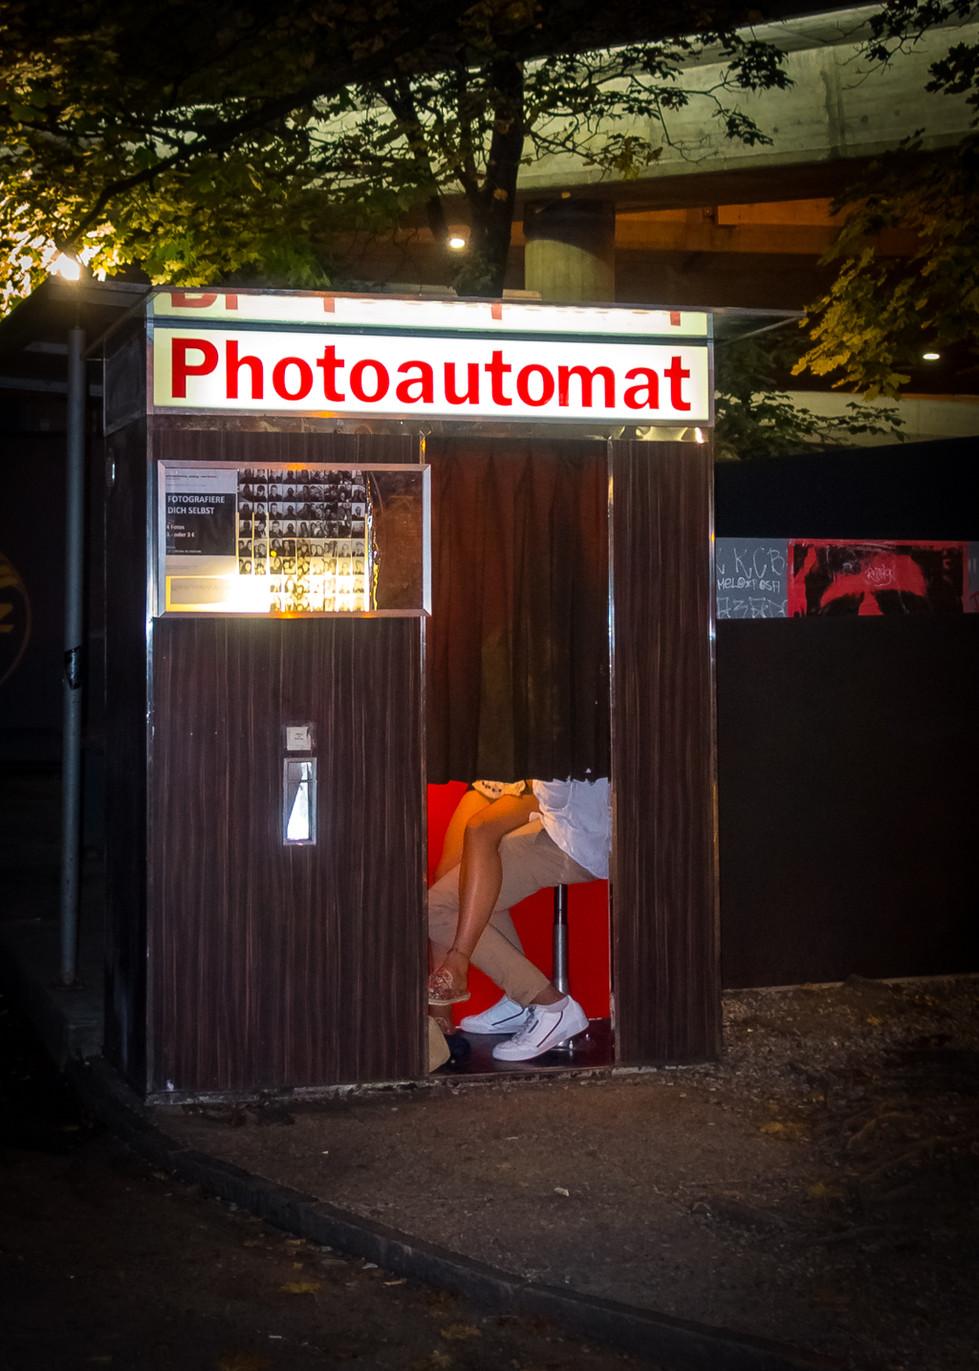 Für ein Vintage-Selfie zusammen in die Foto-Kiste. Samstag, 23.22 Uhr, Geroldstrasse.